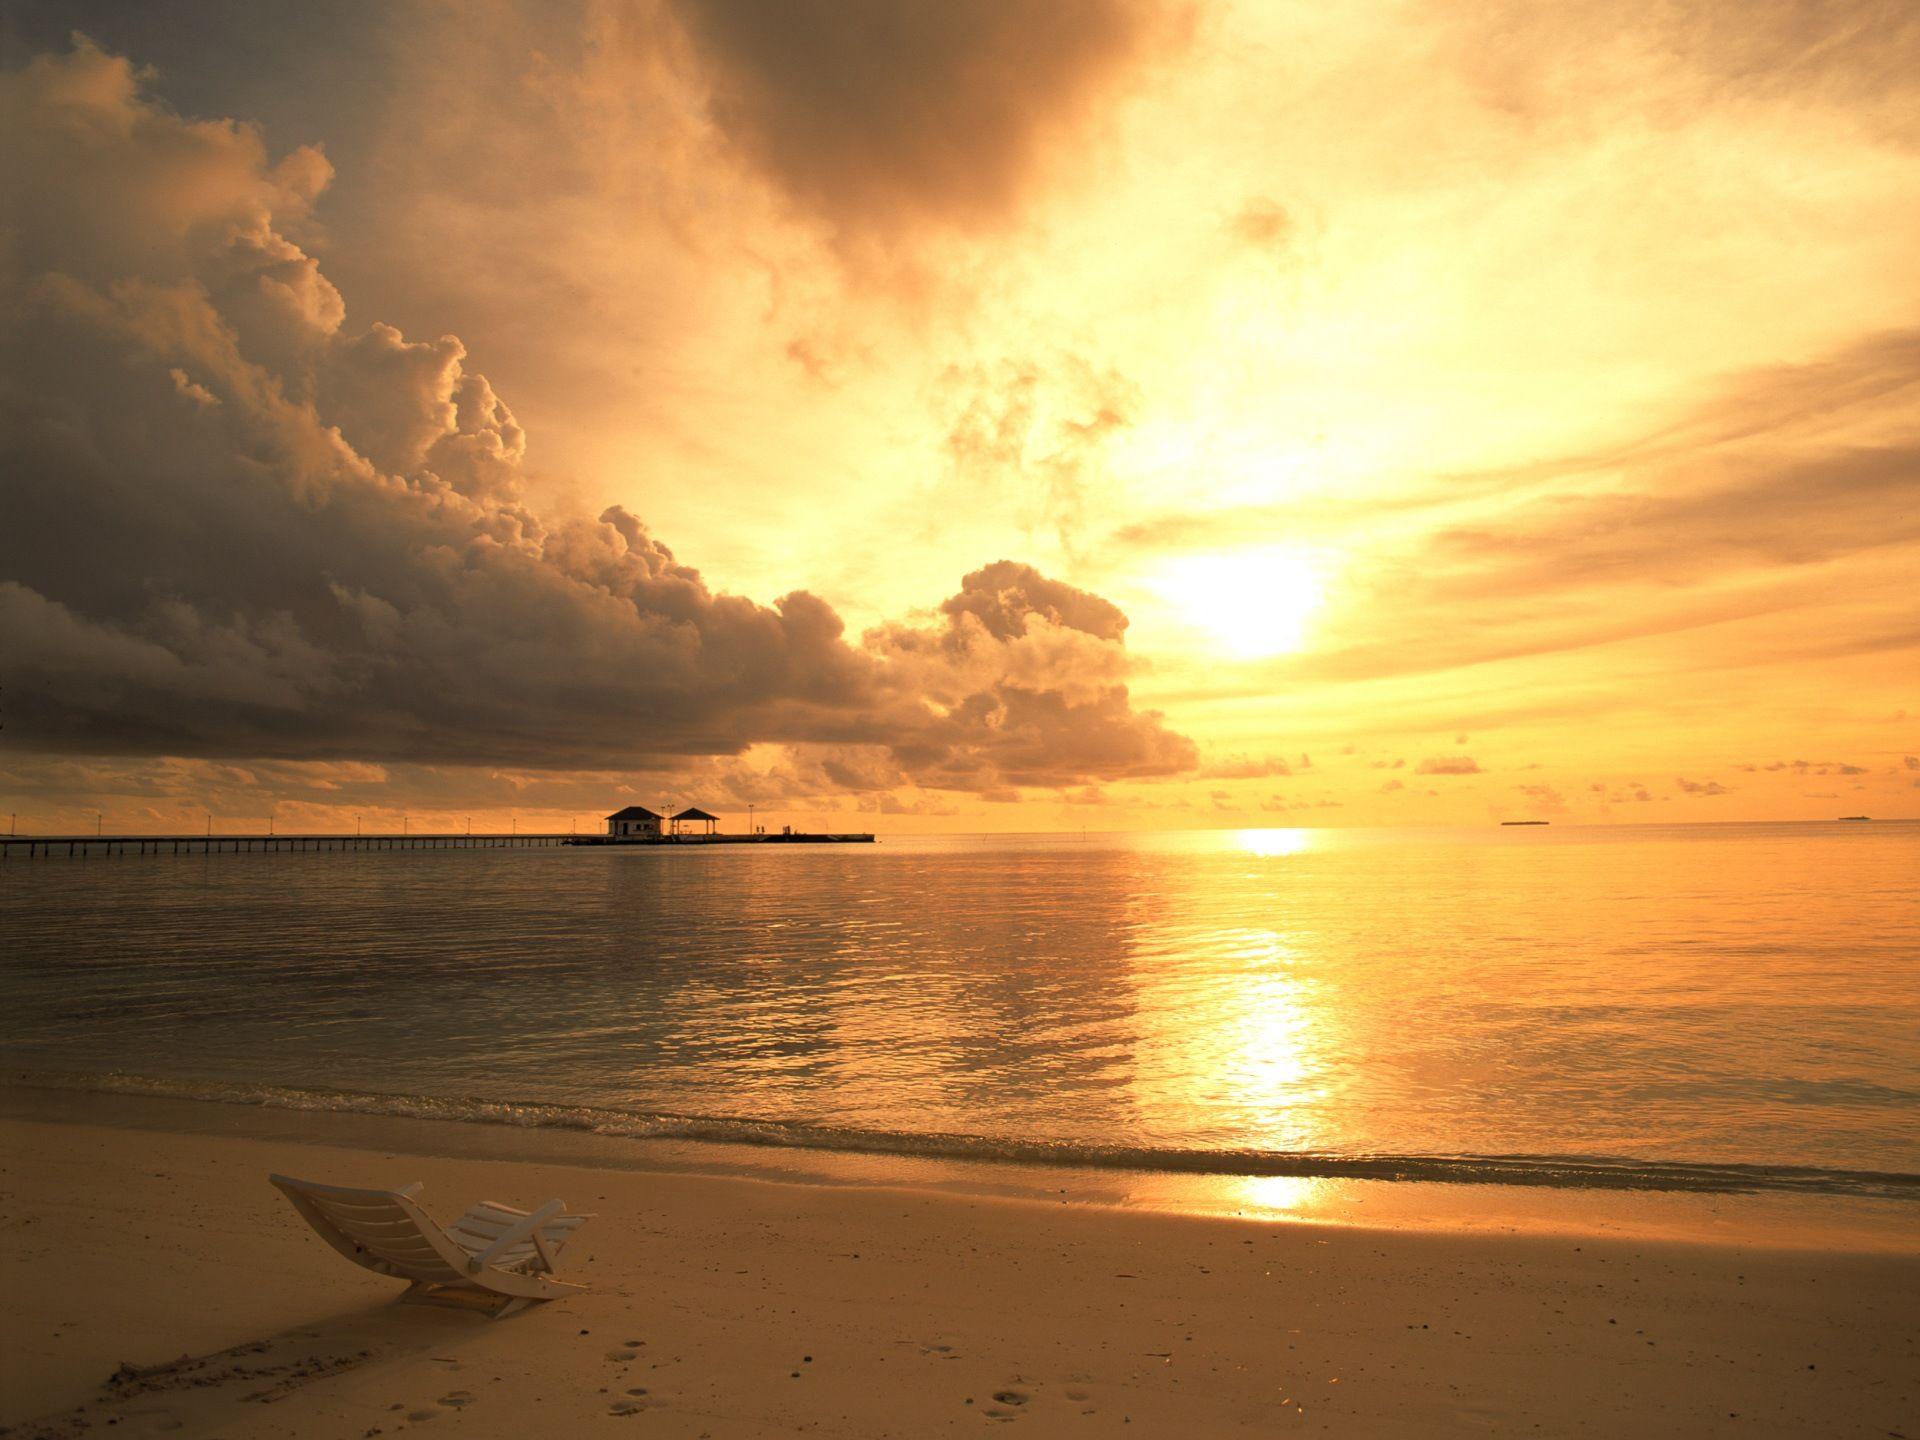 Beach Sunset Wallpaper Desktop Hd Background 9 HD Wallpapers